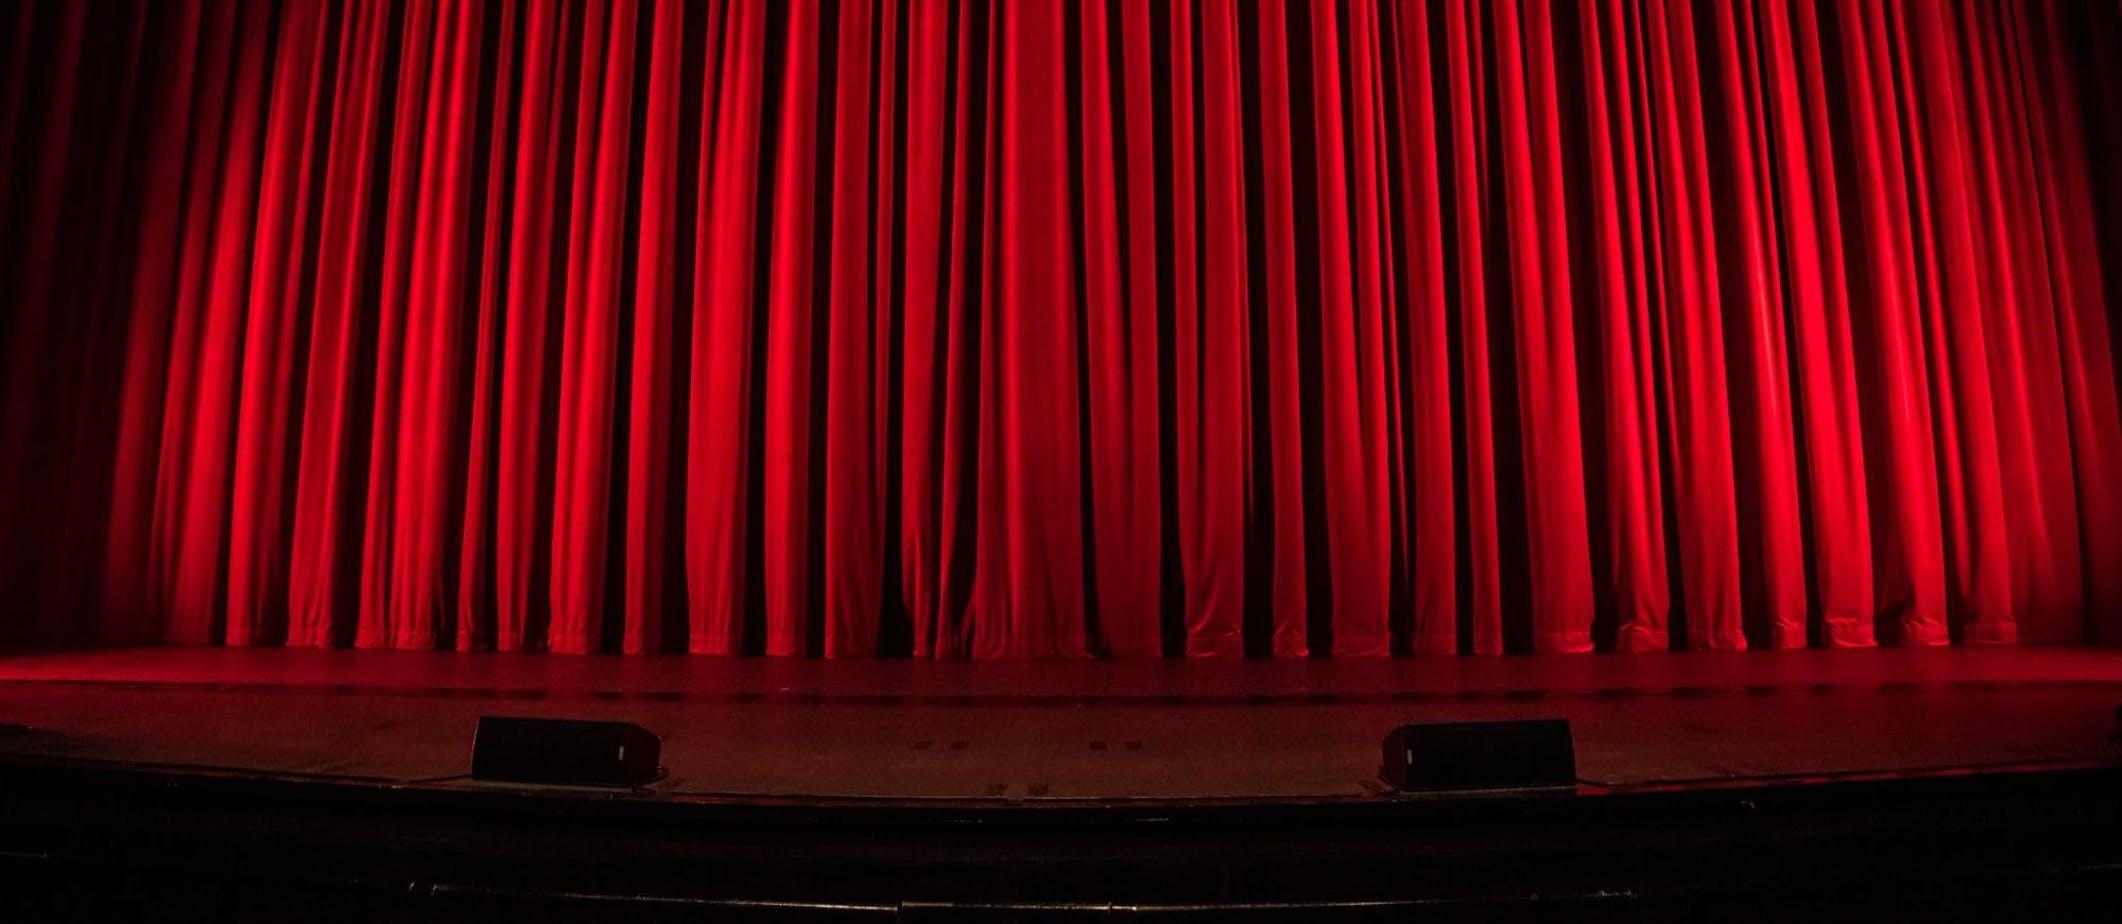 Les bonnes histoires – Épisode 6, Coup de théâtre